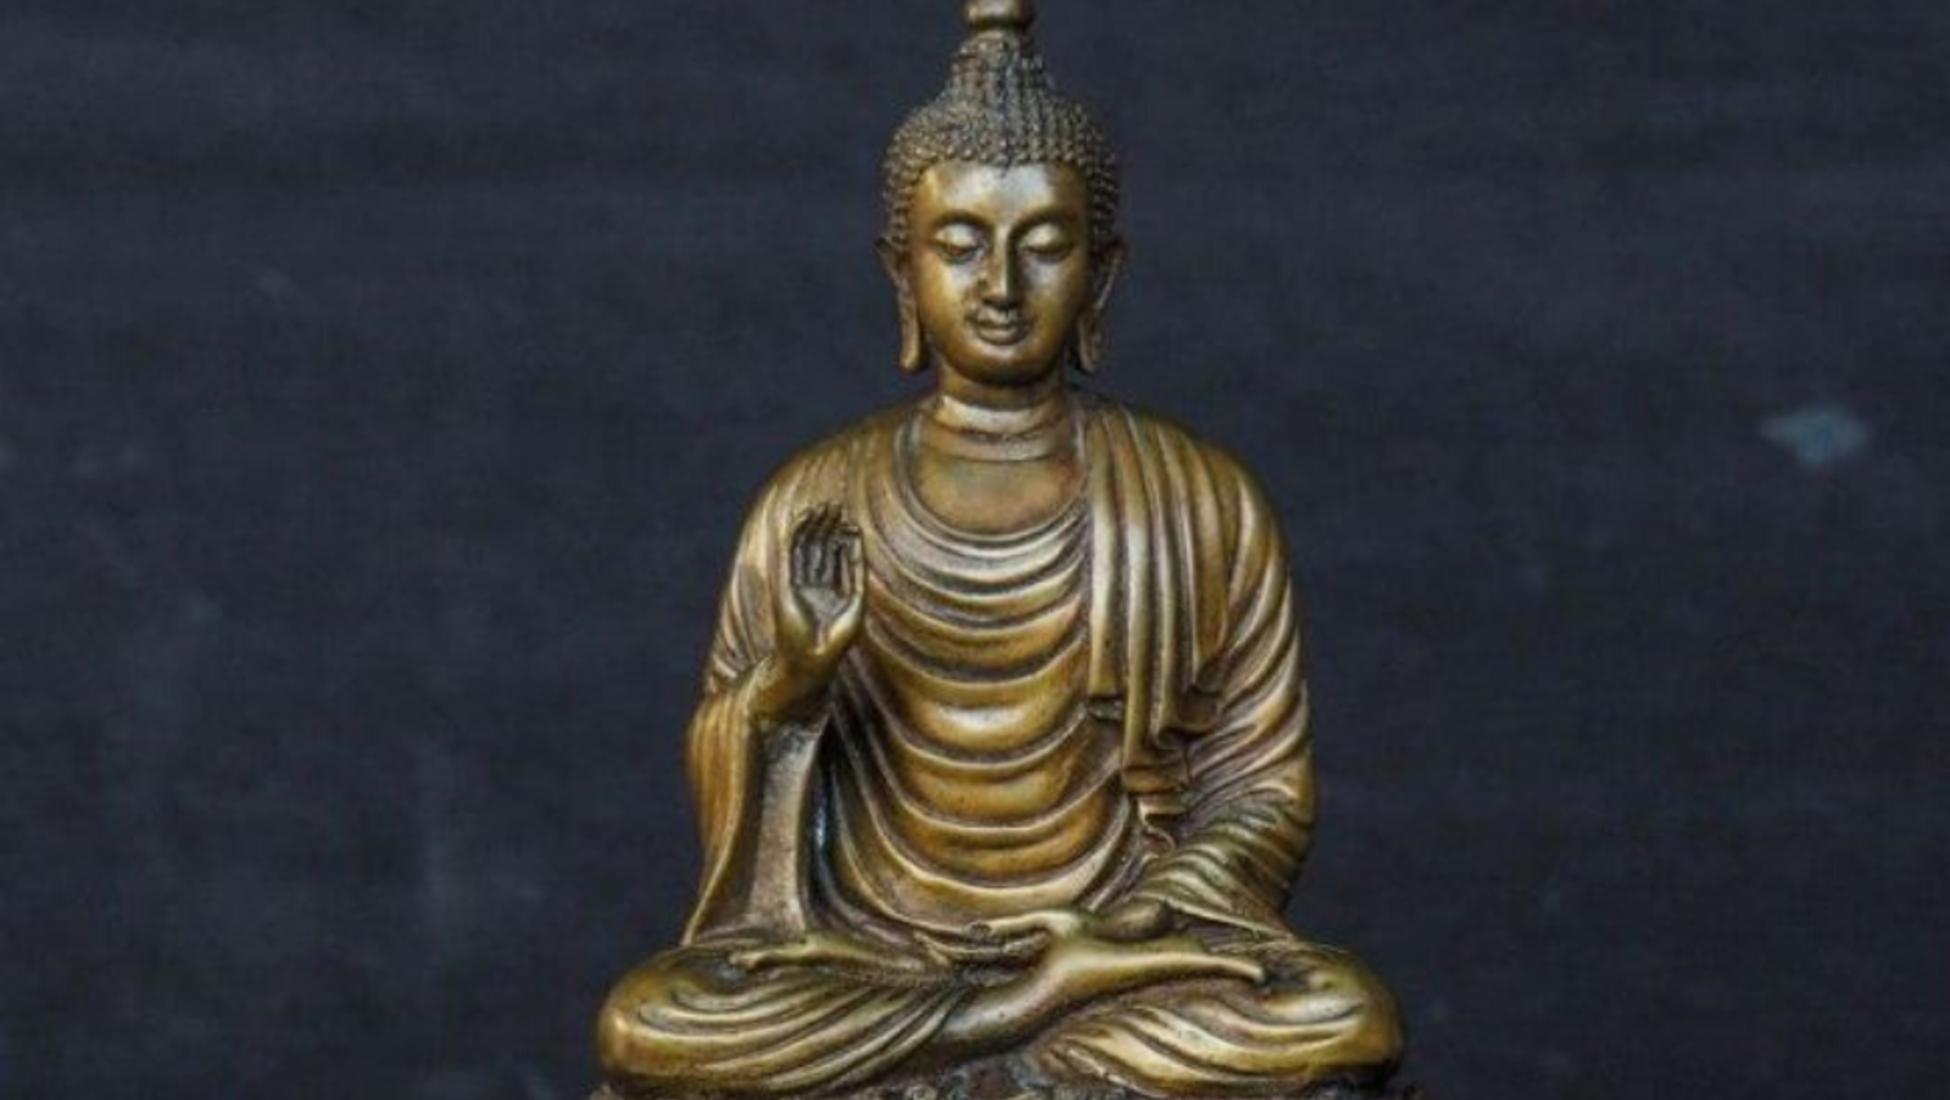 Bouddha Rieur Signification Position la signification de la position des mains de bouddha - catawiki